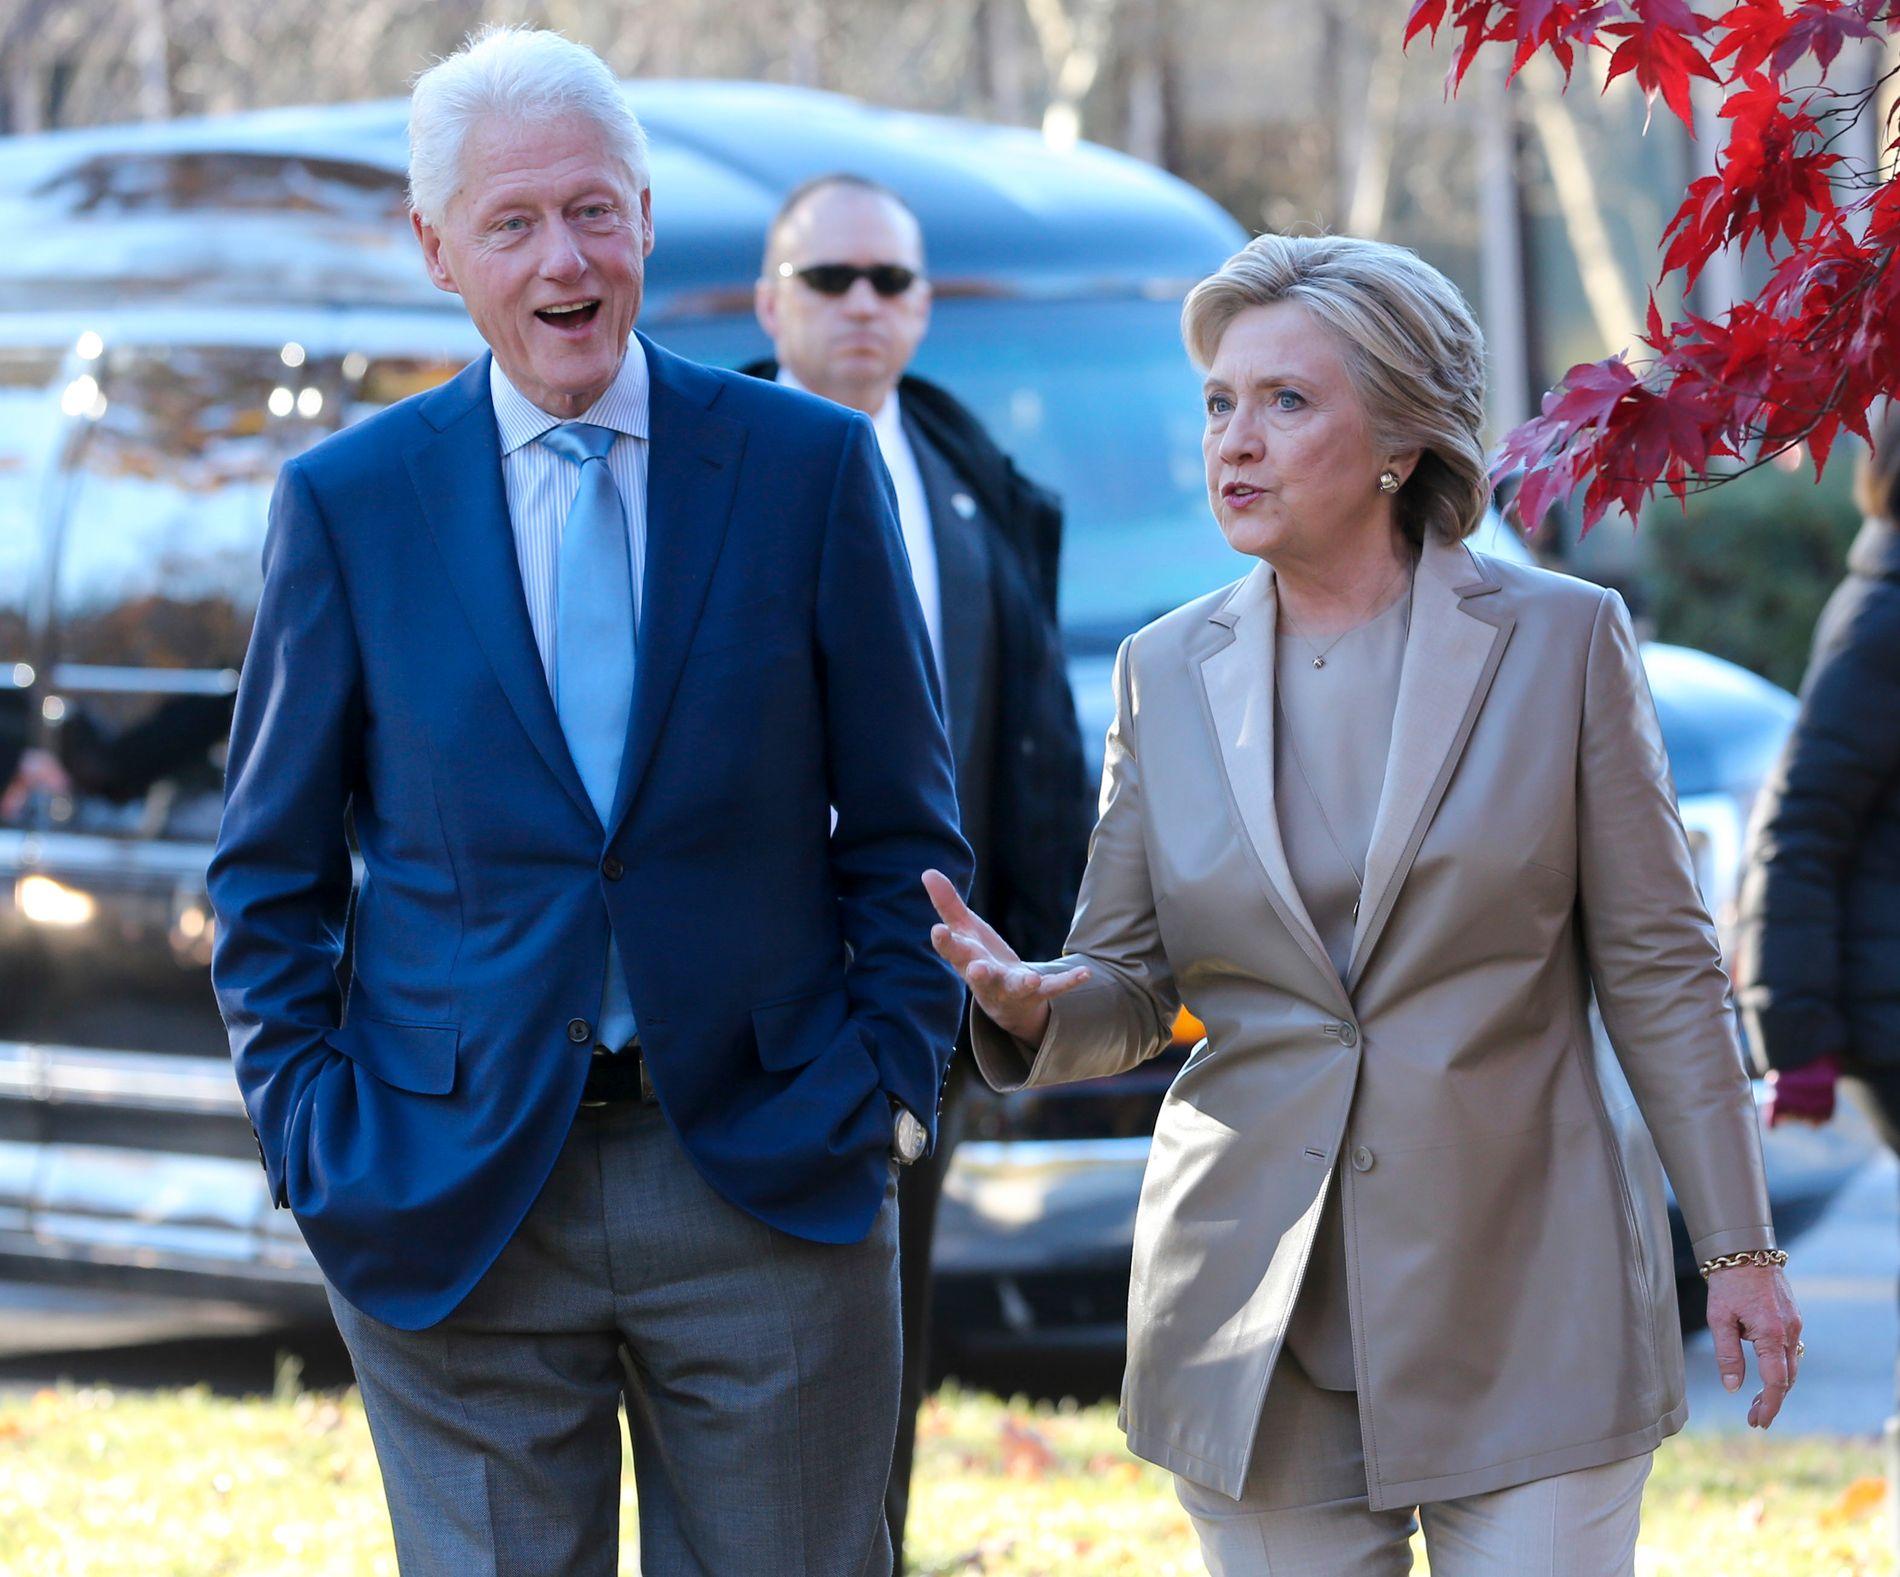 EKTEPAR: Tidligere president Bill Clinton og kona Hillary. Sistnevnte tapte for Donald Trump i forrige presidentvalg.